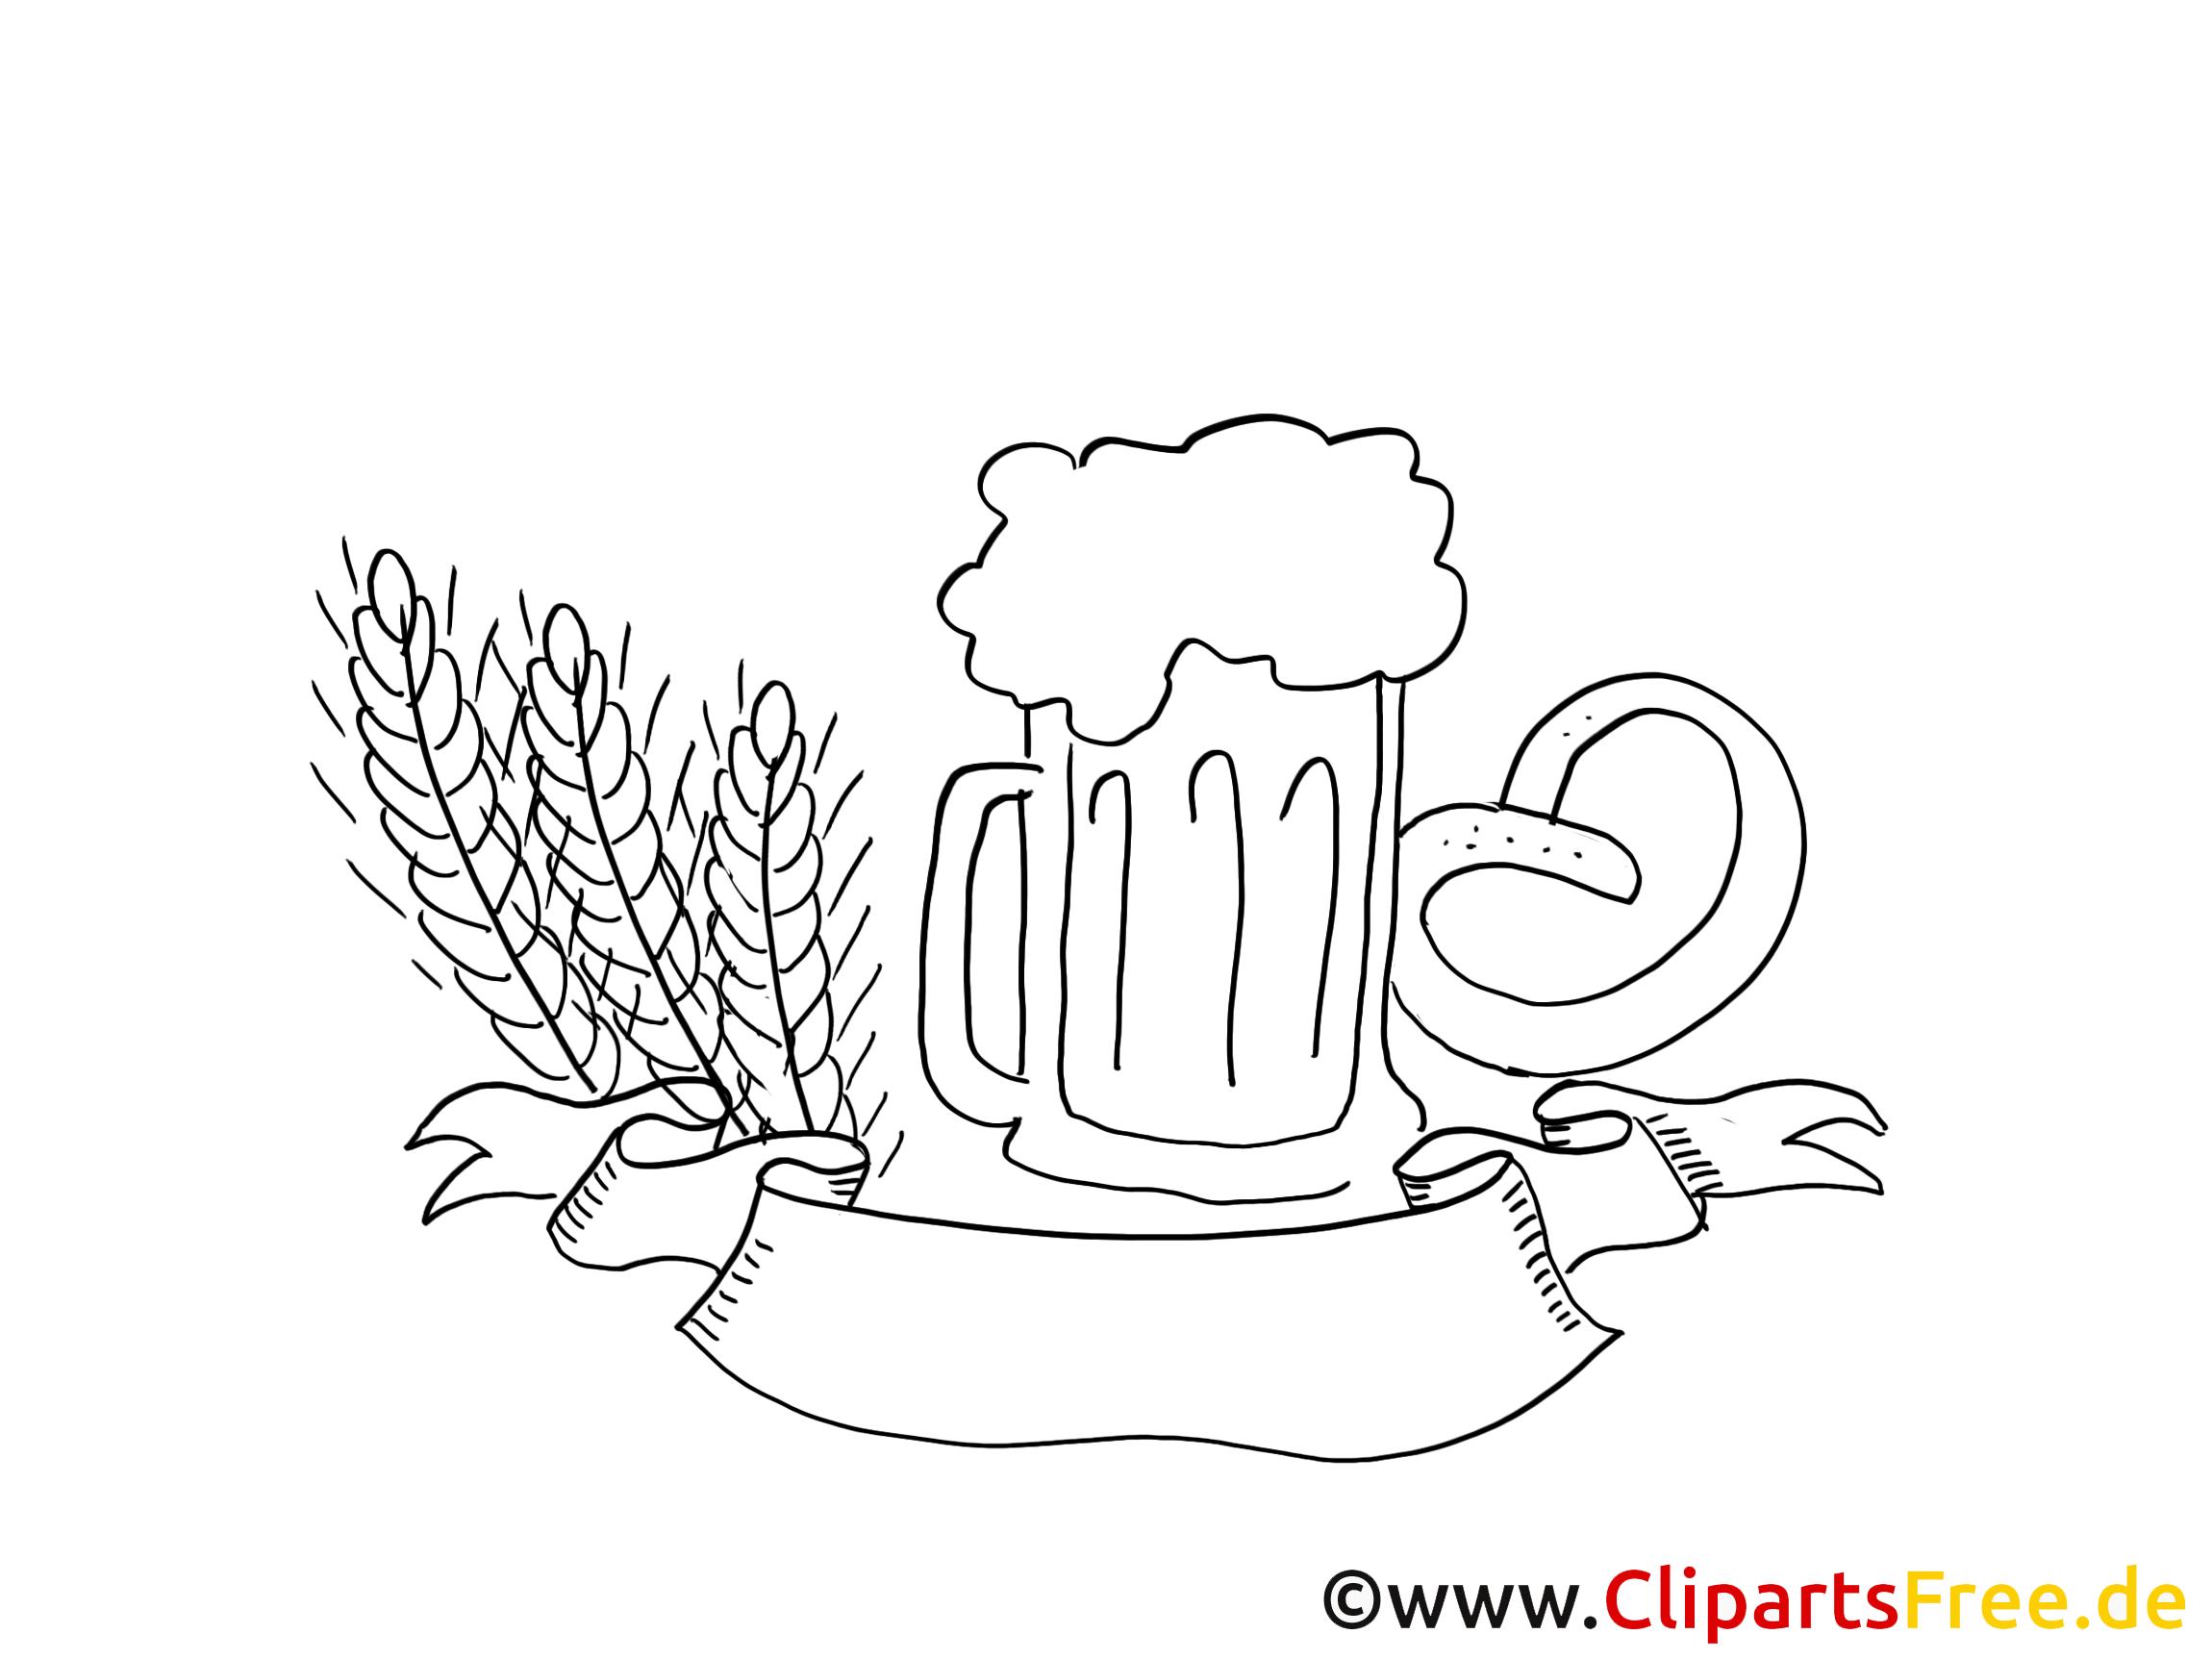 biermok afbeelding illustratie clipart grafisch zwart